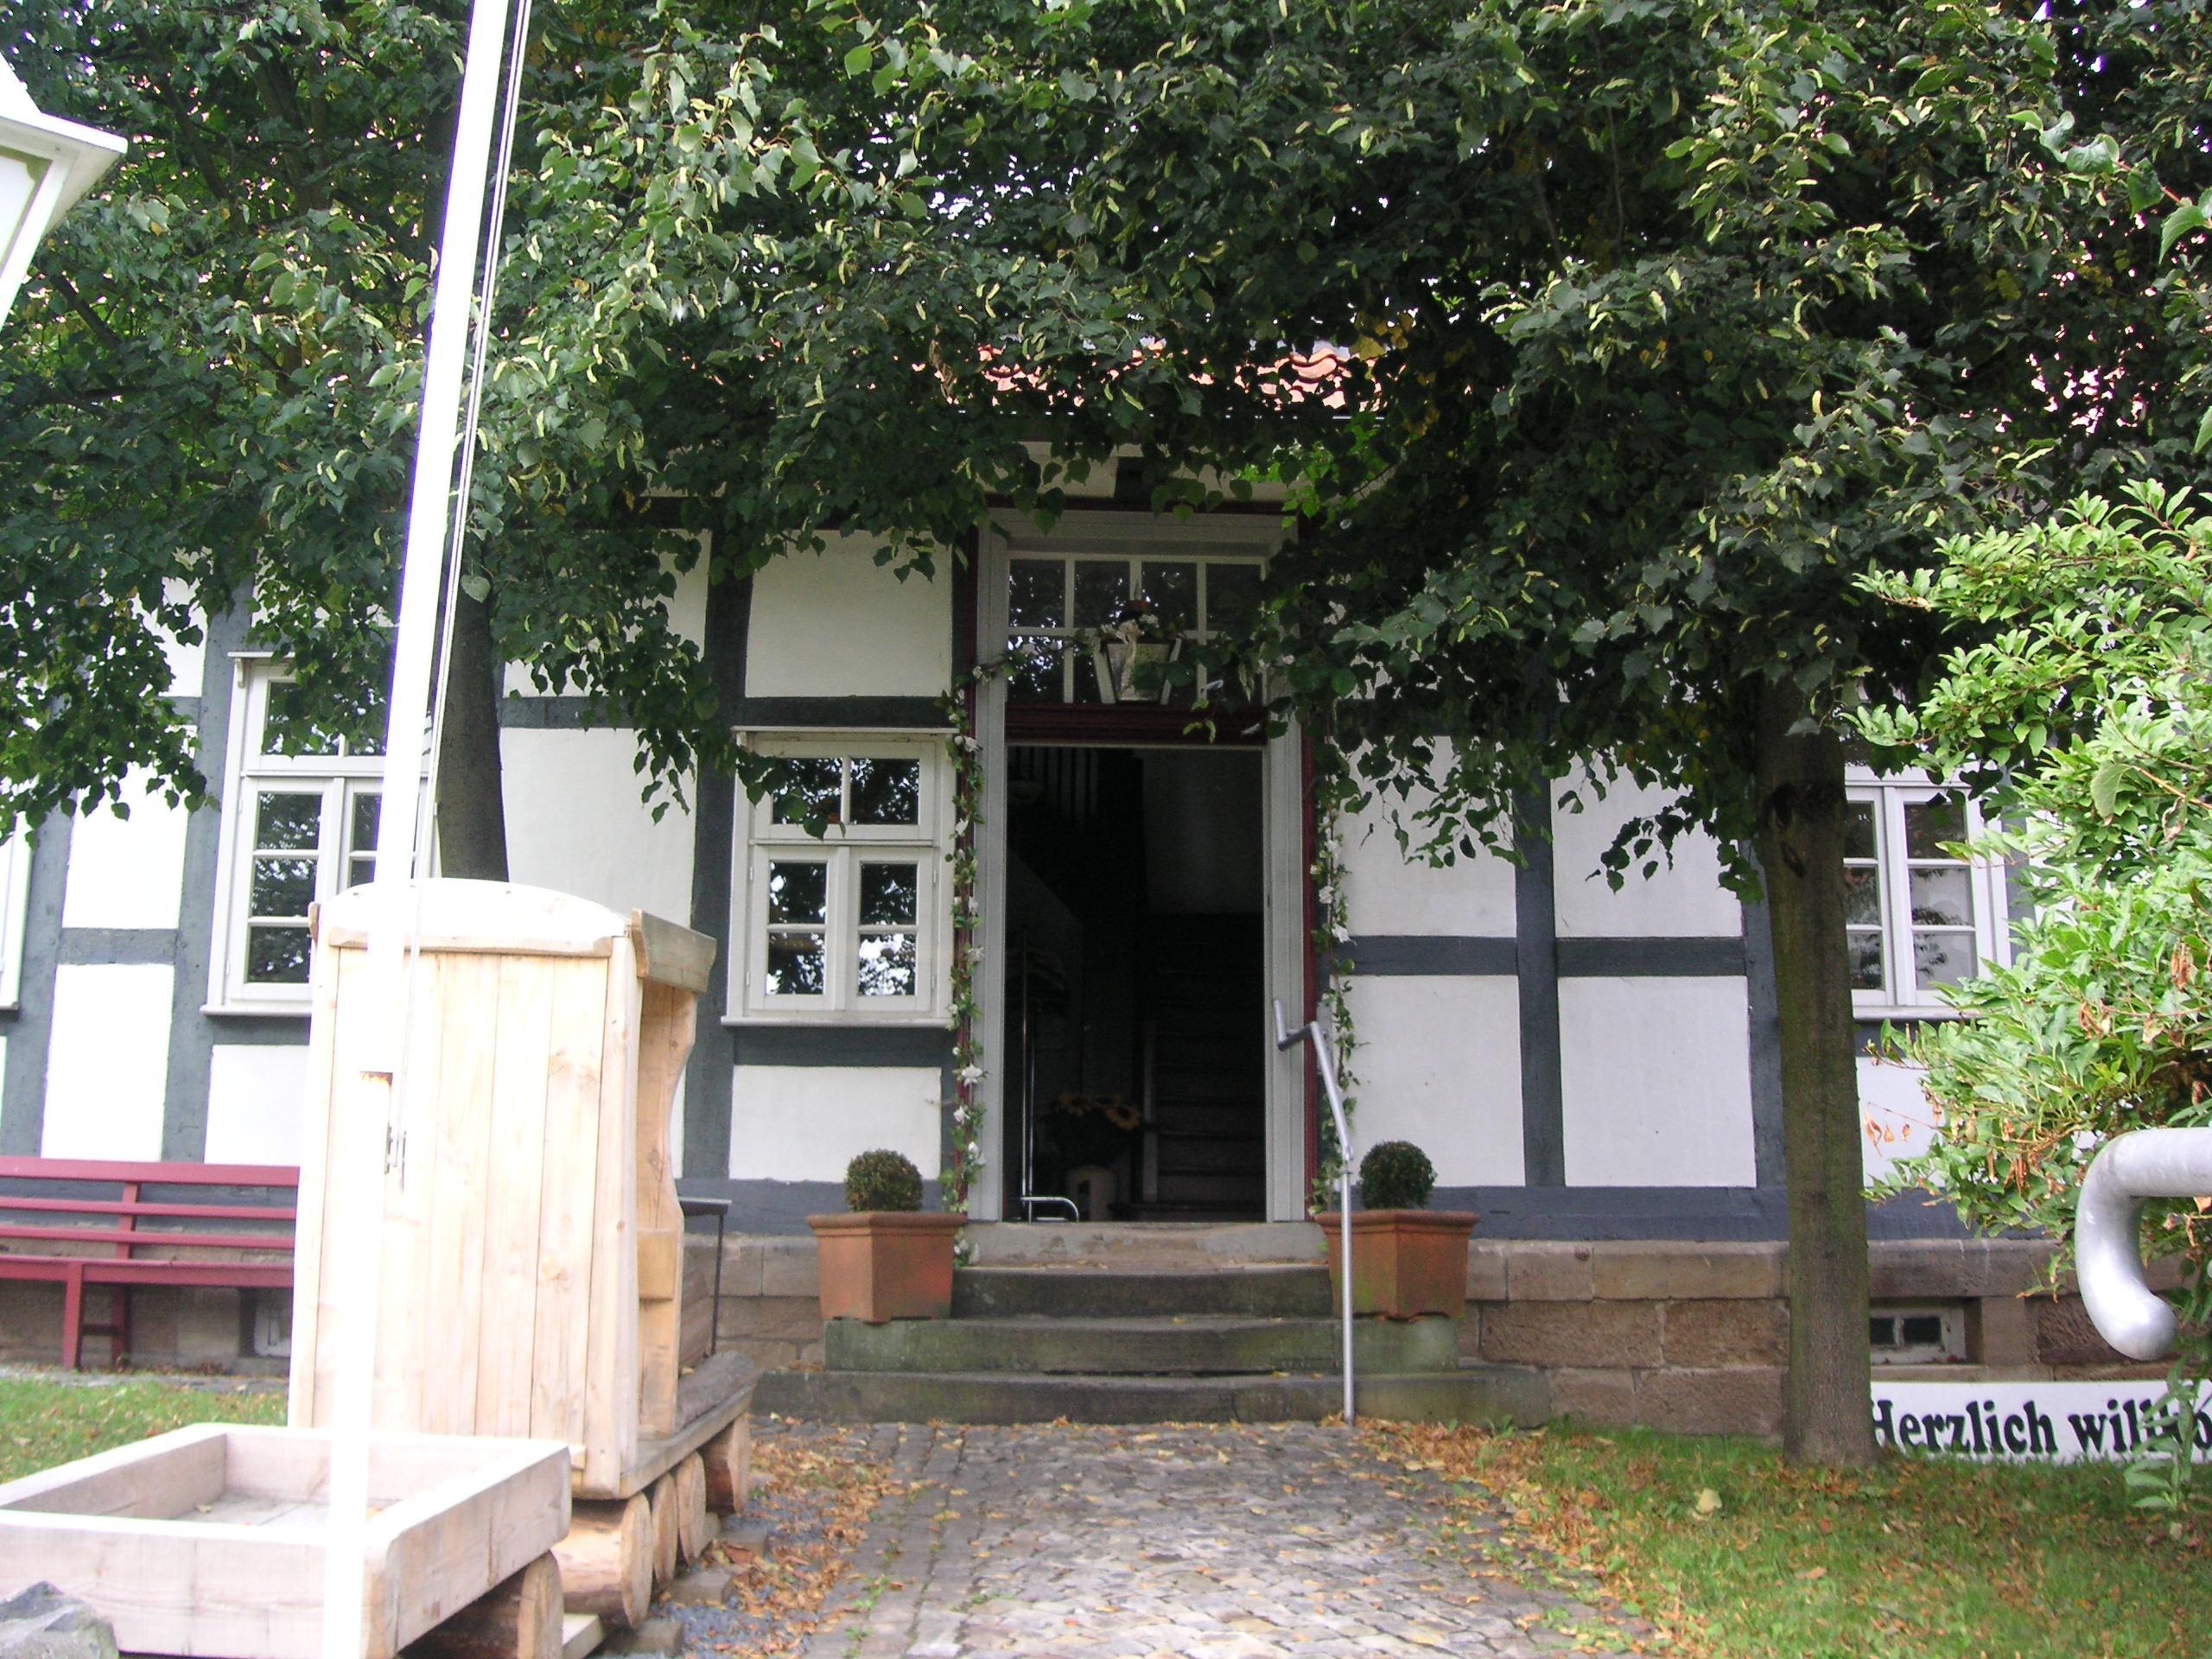 Eingang des Steinarbeitermuseums in Adelebsen